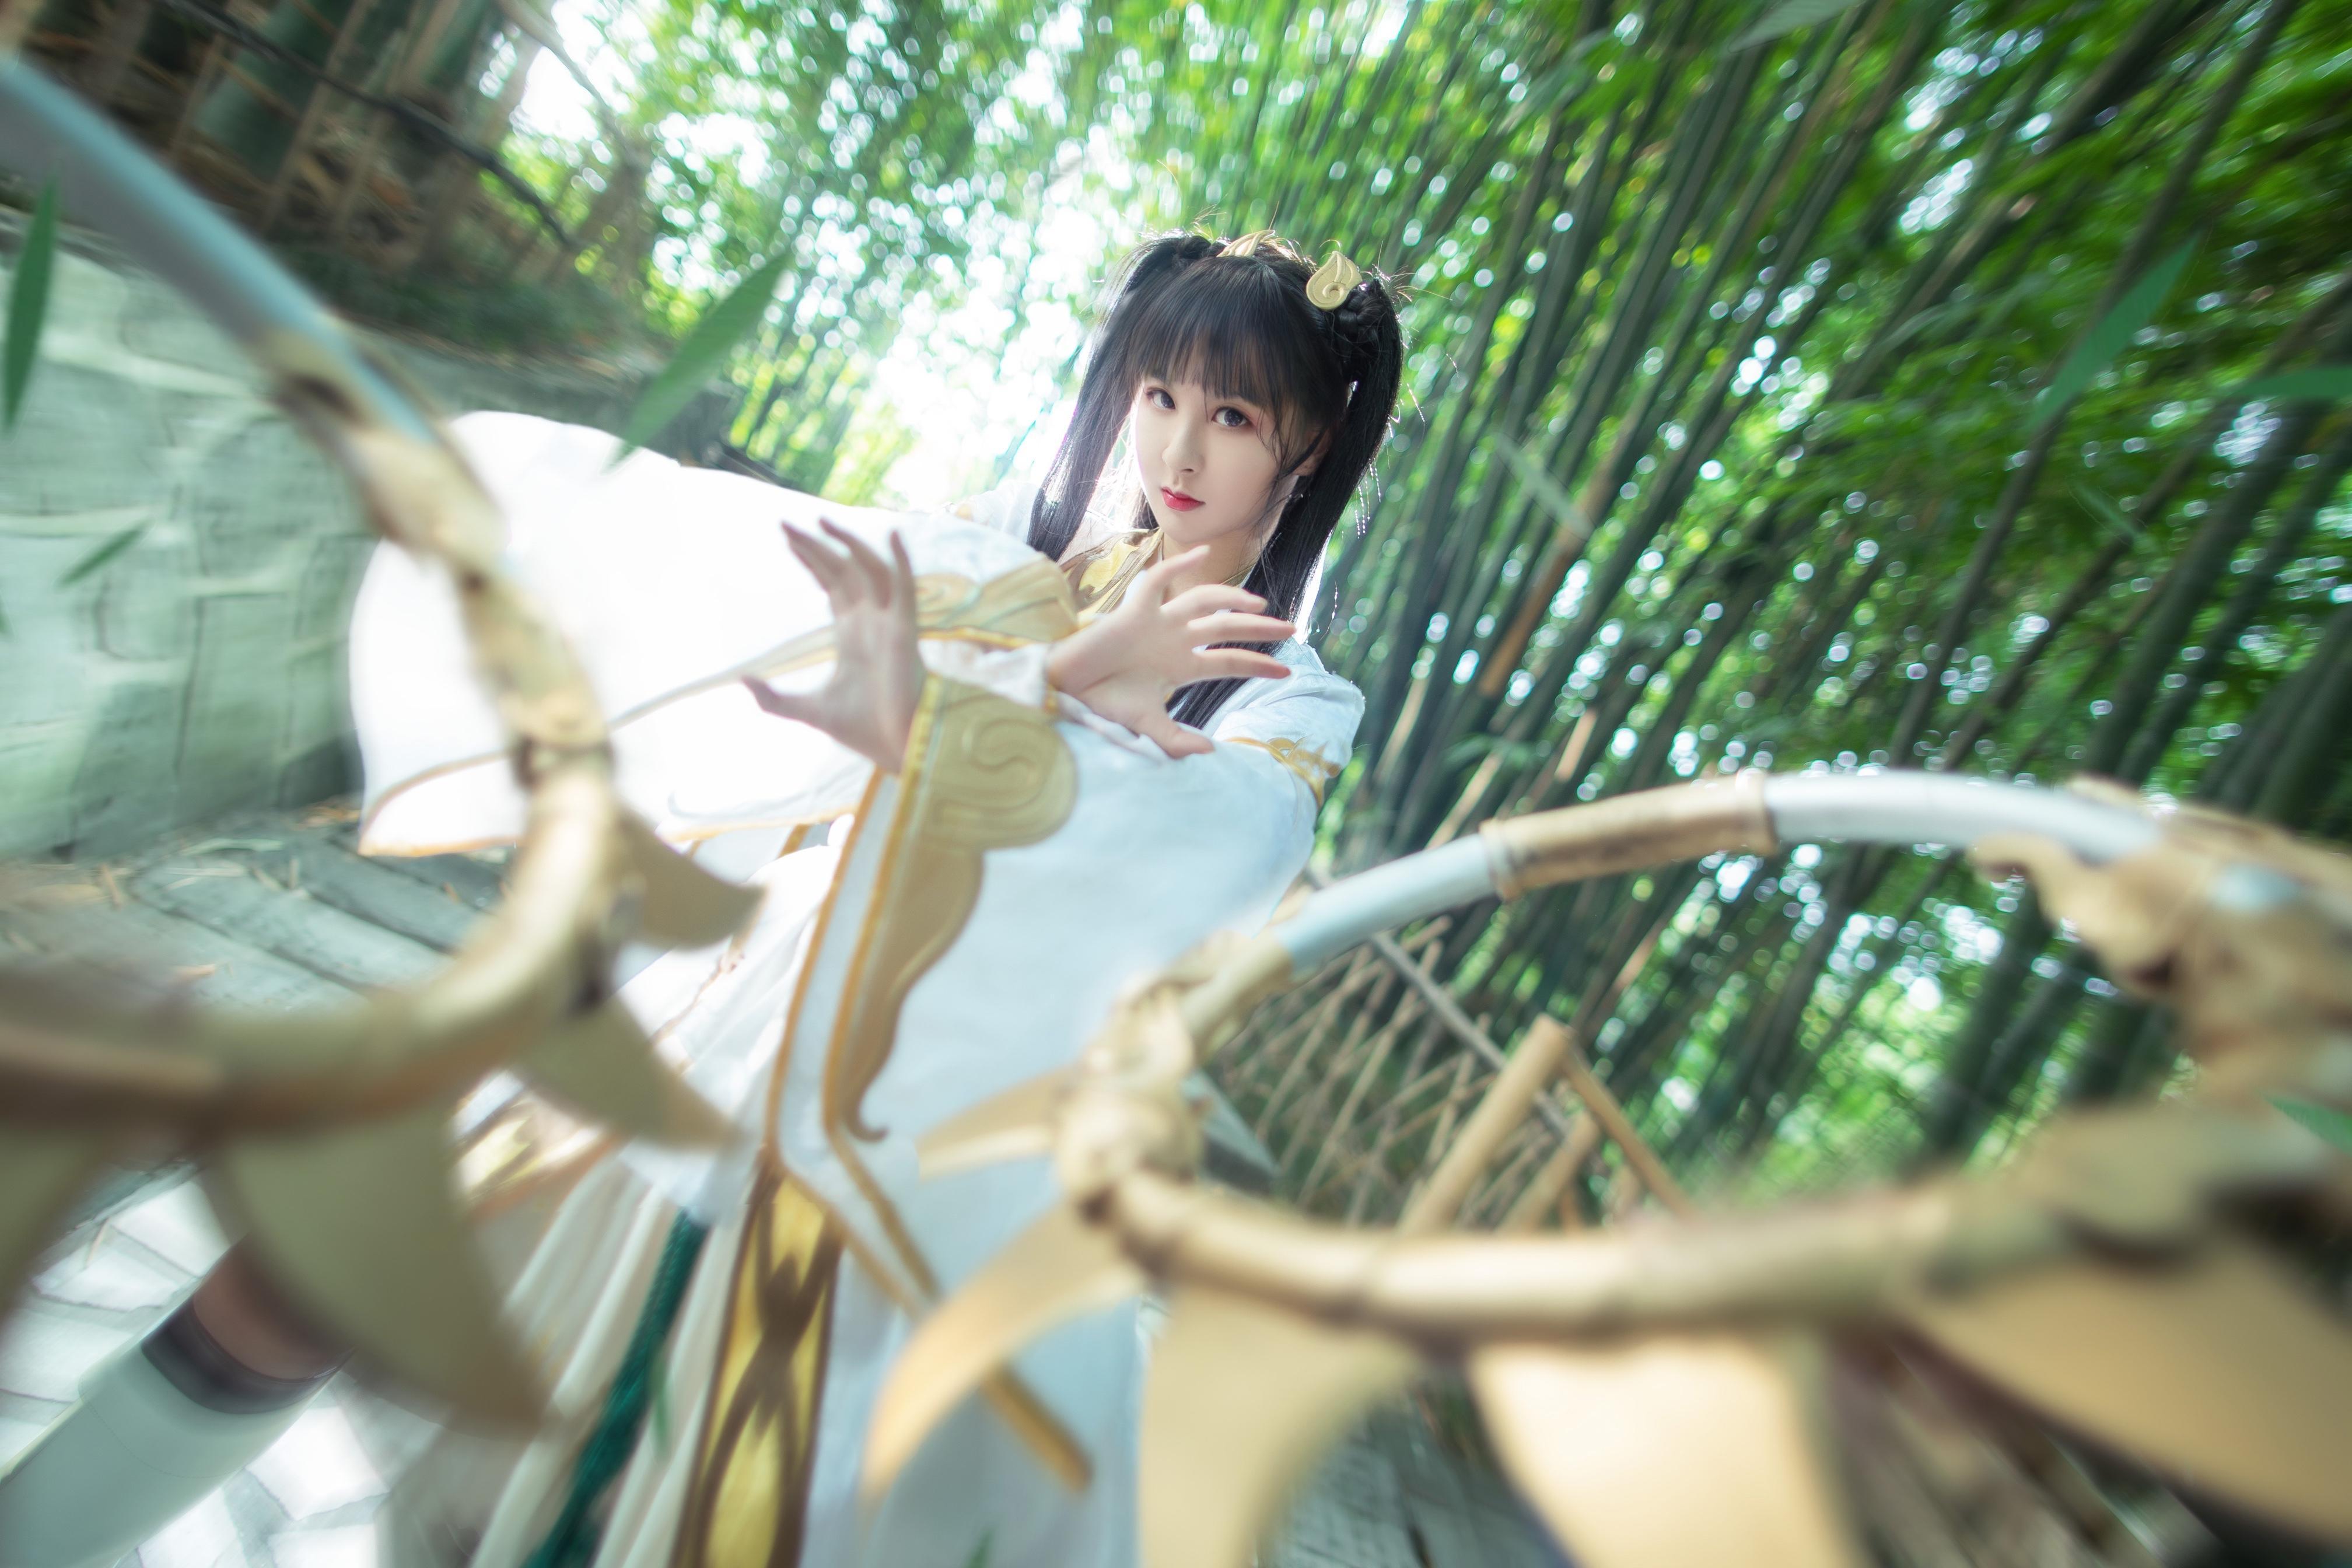 《天涯明月刀OL》古风cosplay【CN:瑶音音】-第10张